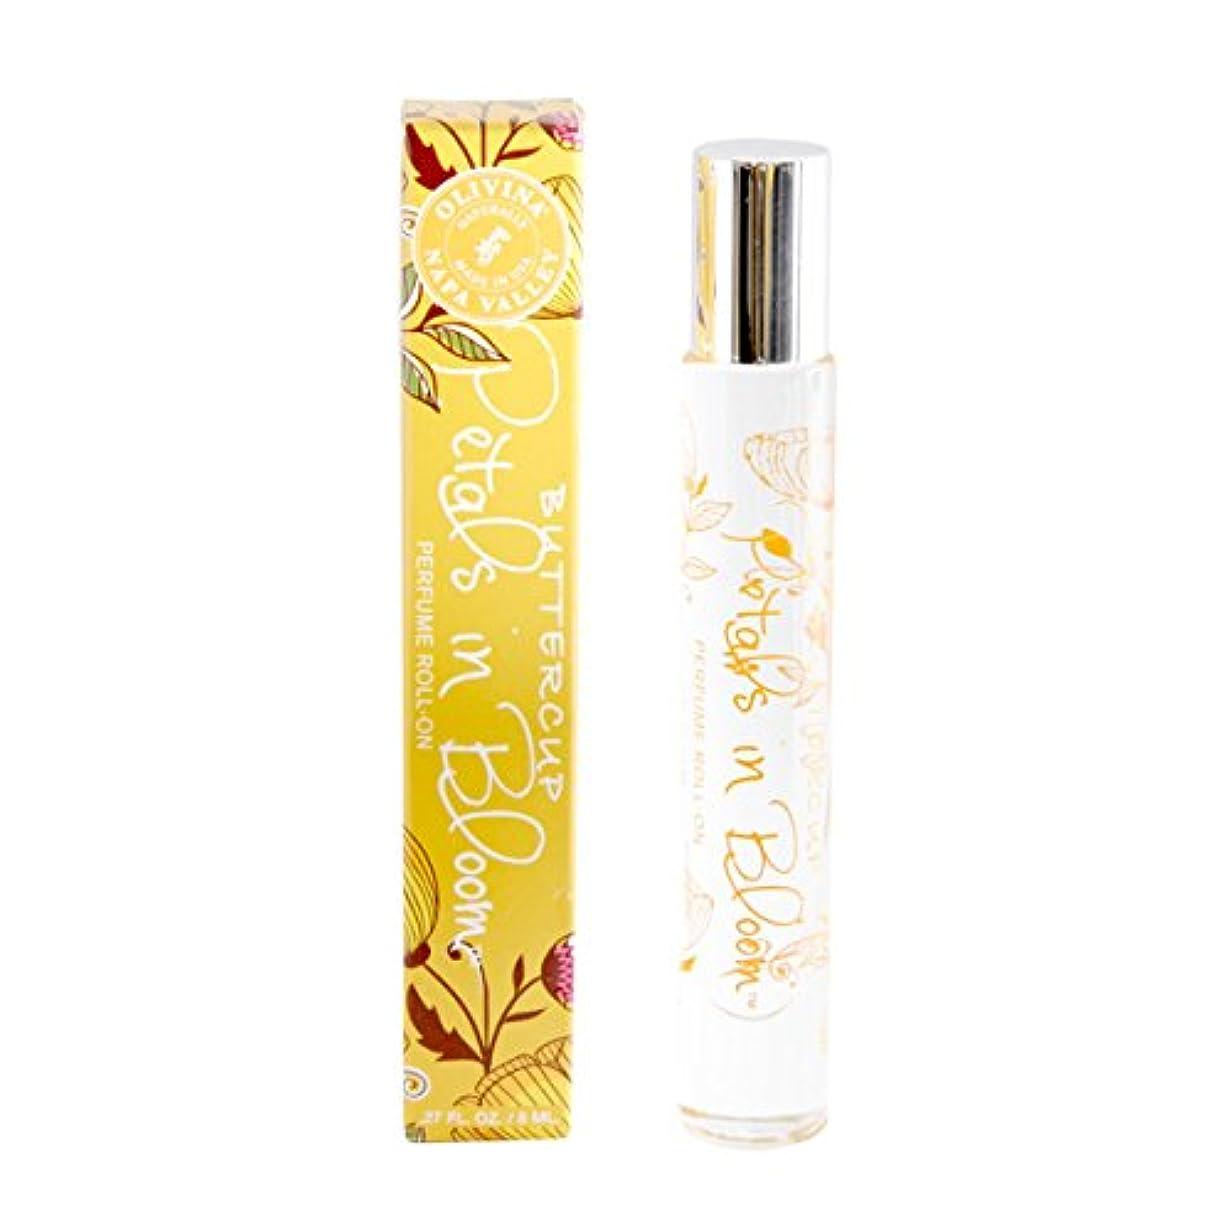 研磨億トリクルNapa Valley Apothecary Petals in Bloom パフューム ロールオン バターカップ perfume roll-on Buttercup ナパバレーアポセカリー ペタルズインブルーム Olivina オリビーナ